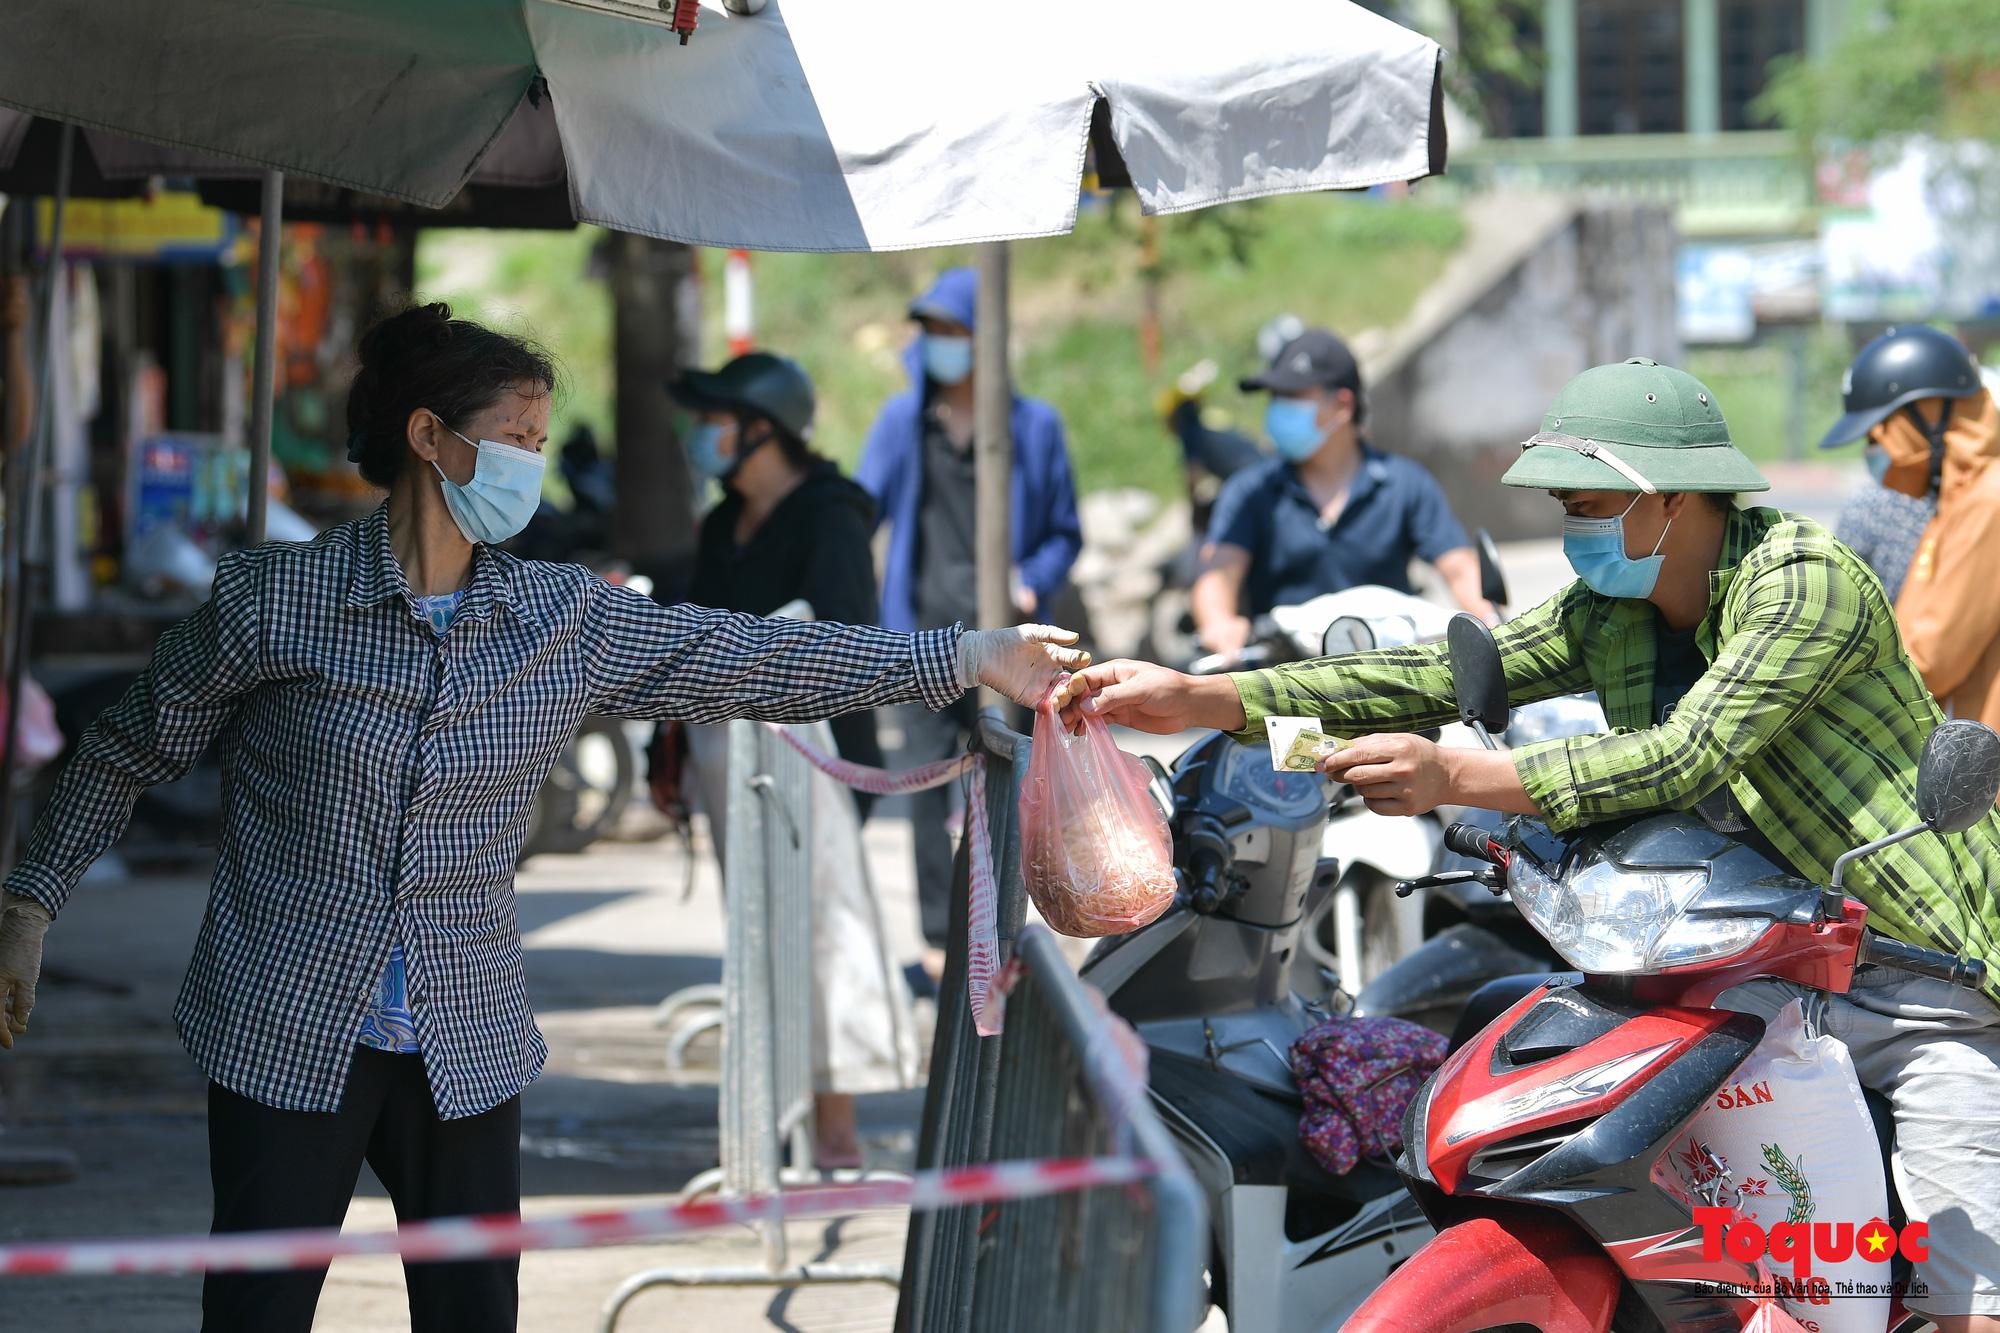 Hà Nội: Muôn kiểu đi chợ trong thời giãn cách xã hội ở thủ đô - Ảnh 19.